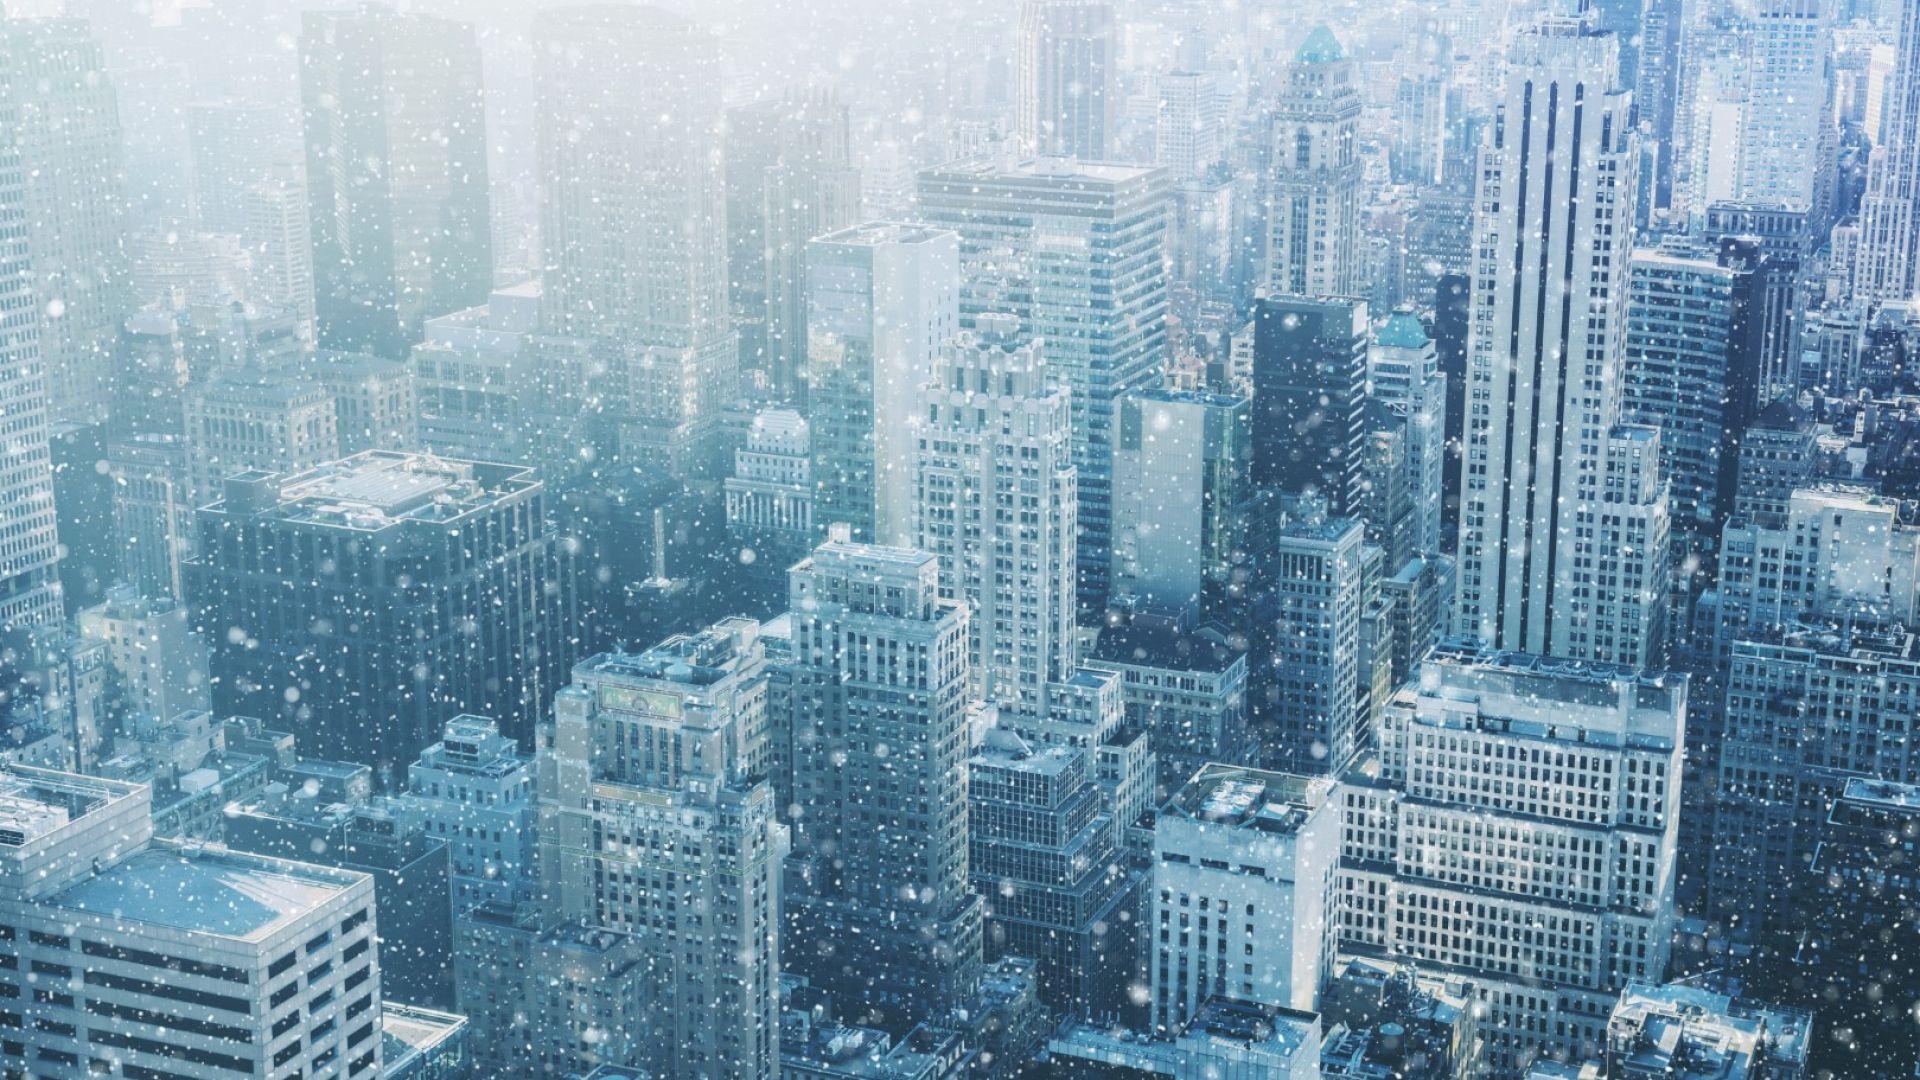 След рекордния студ, в САЩ се затопля с 40 градуса за 3 дни!